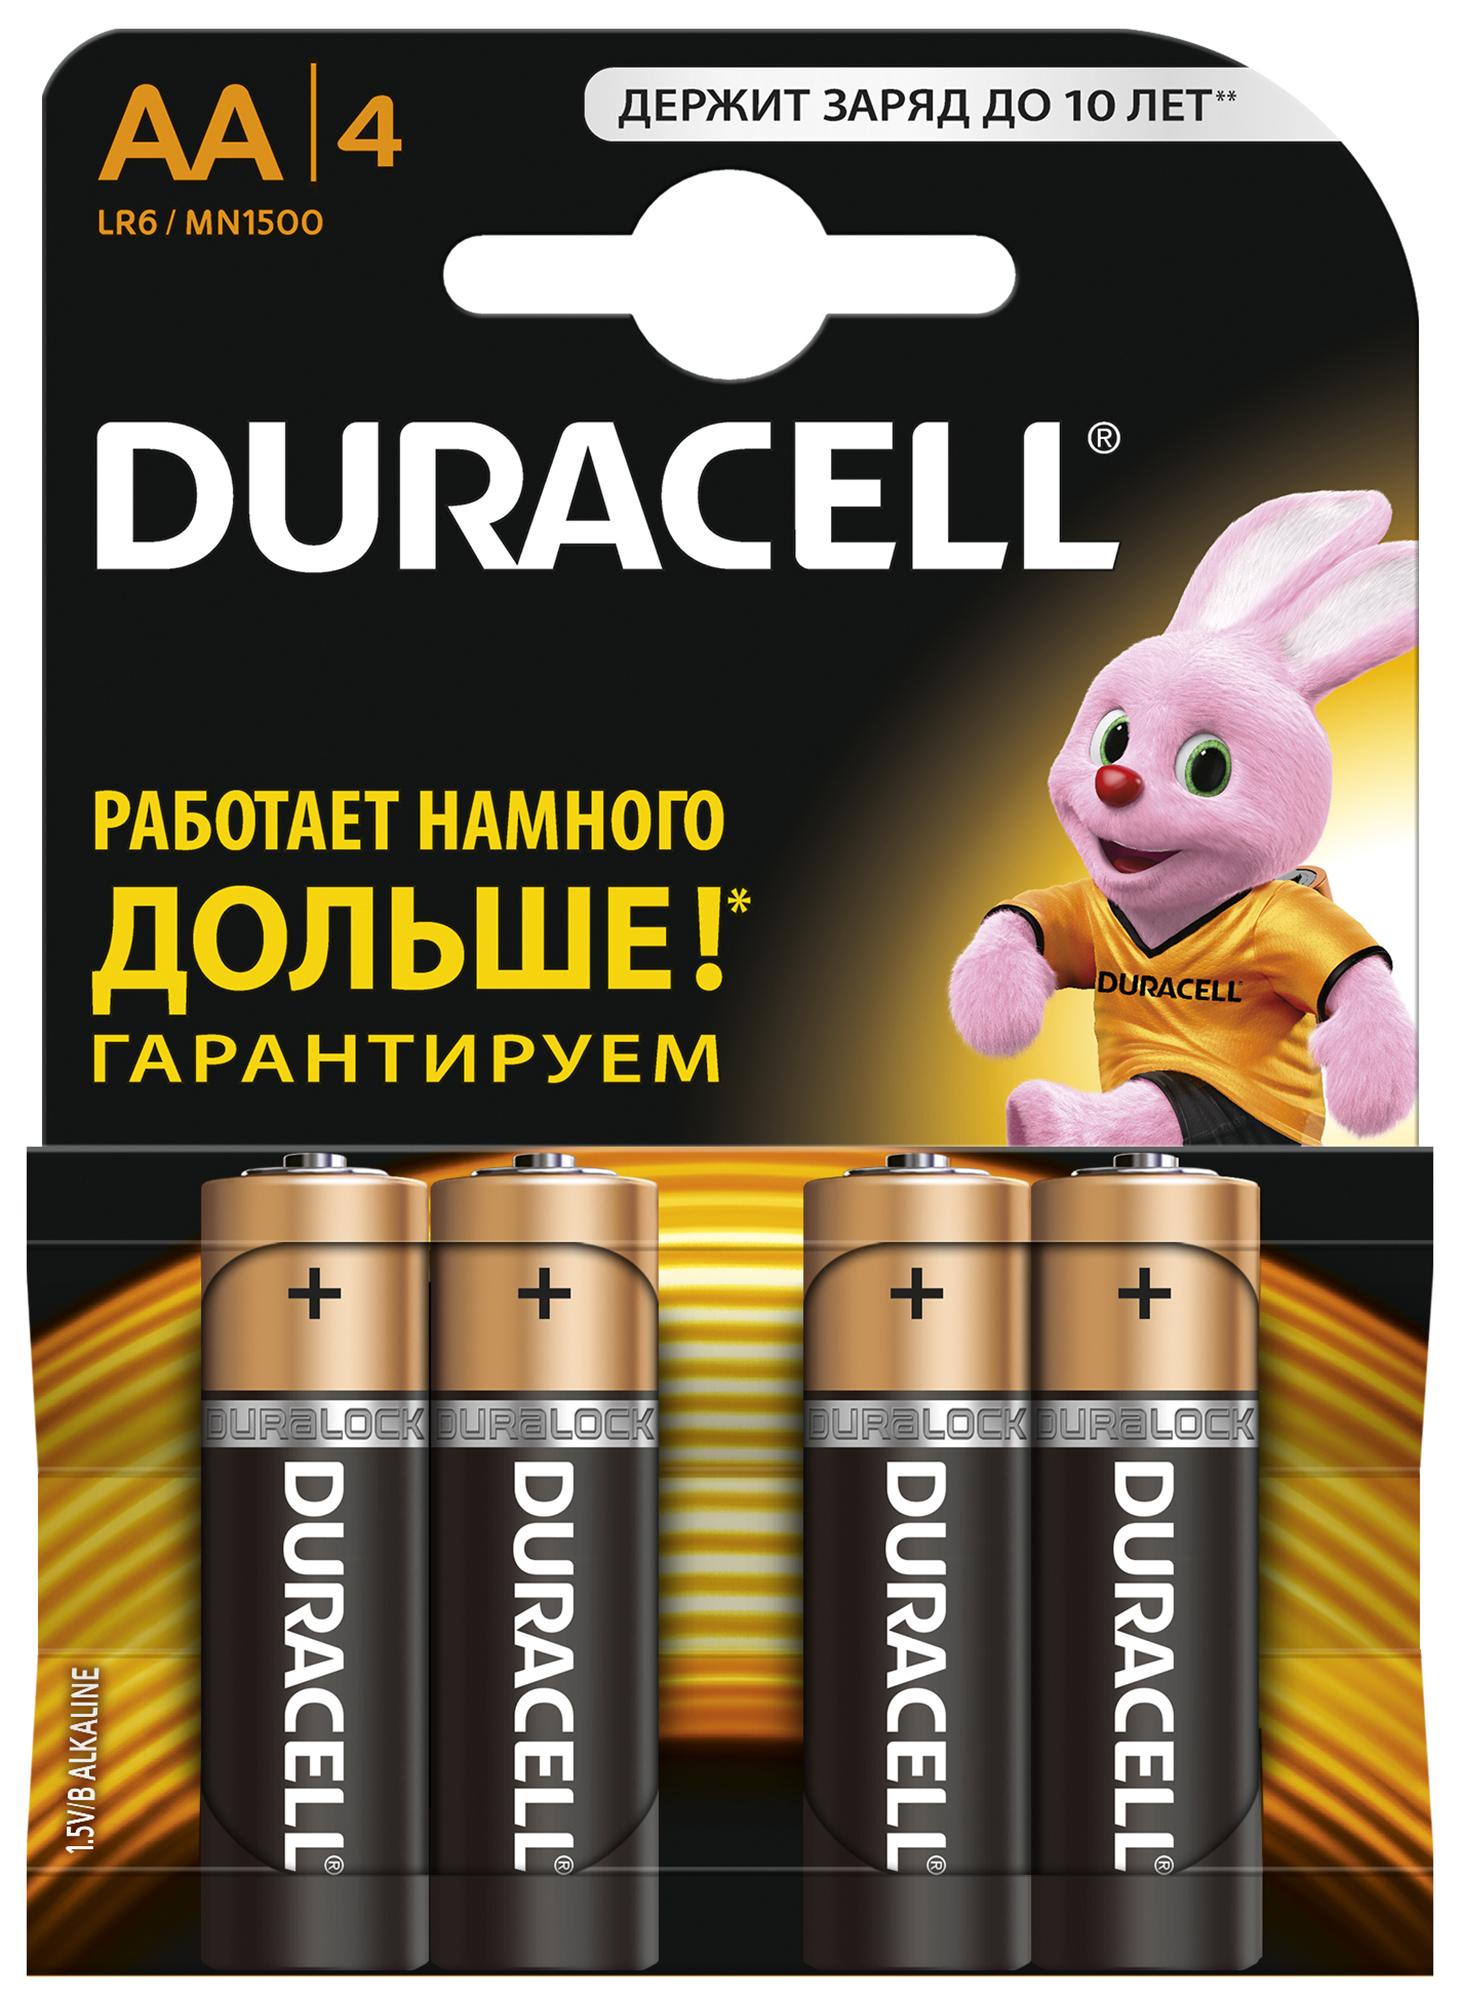 Duracell Батарейки щелочные Duracell Basic AA/LR06, 4 шт.